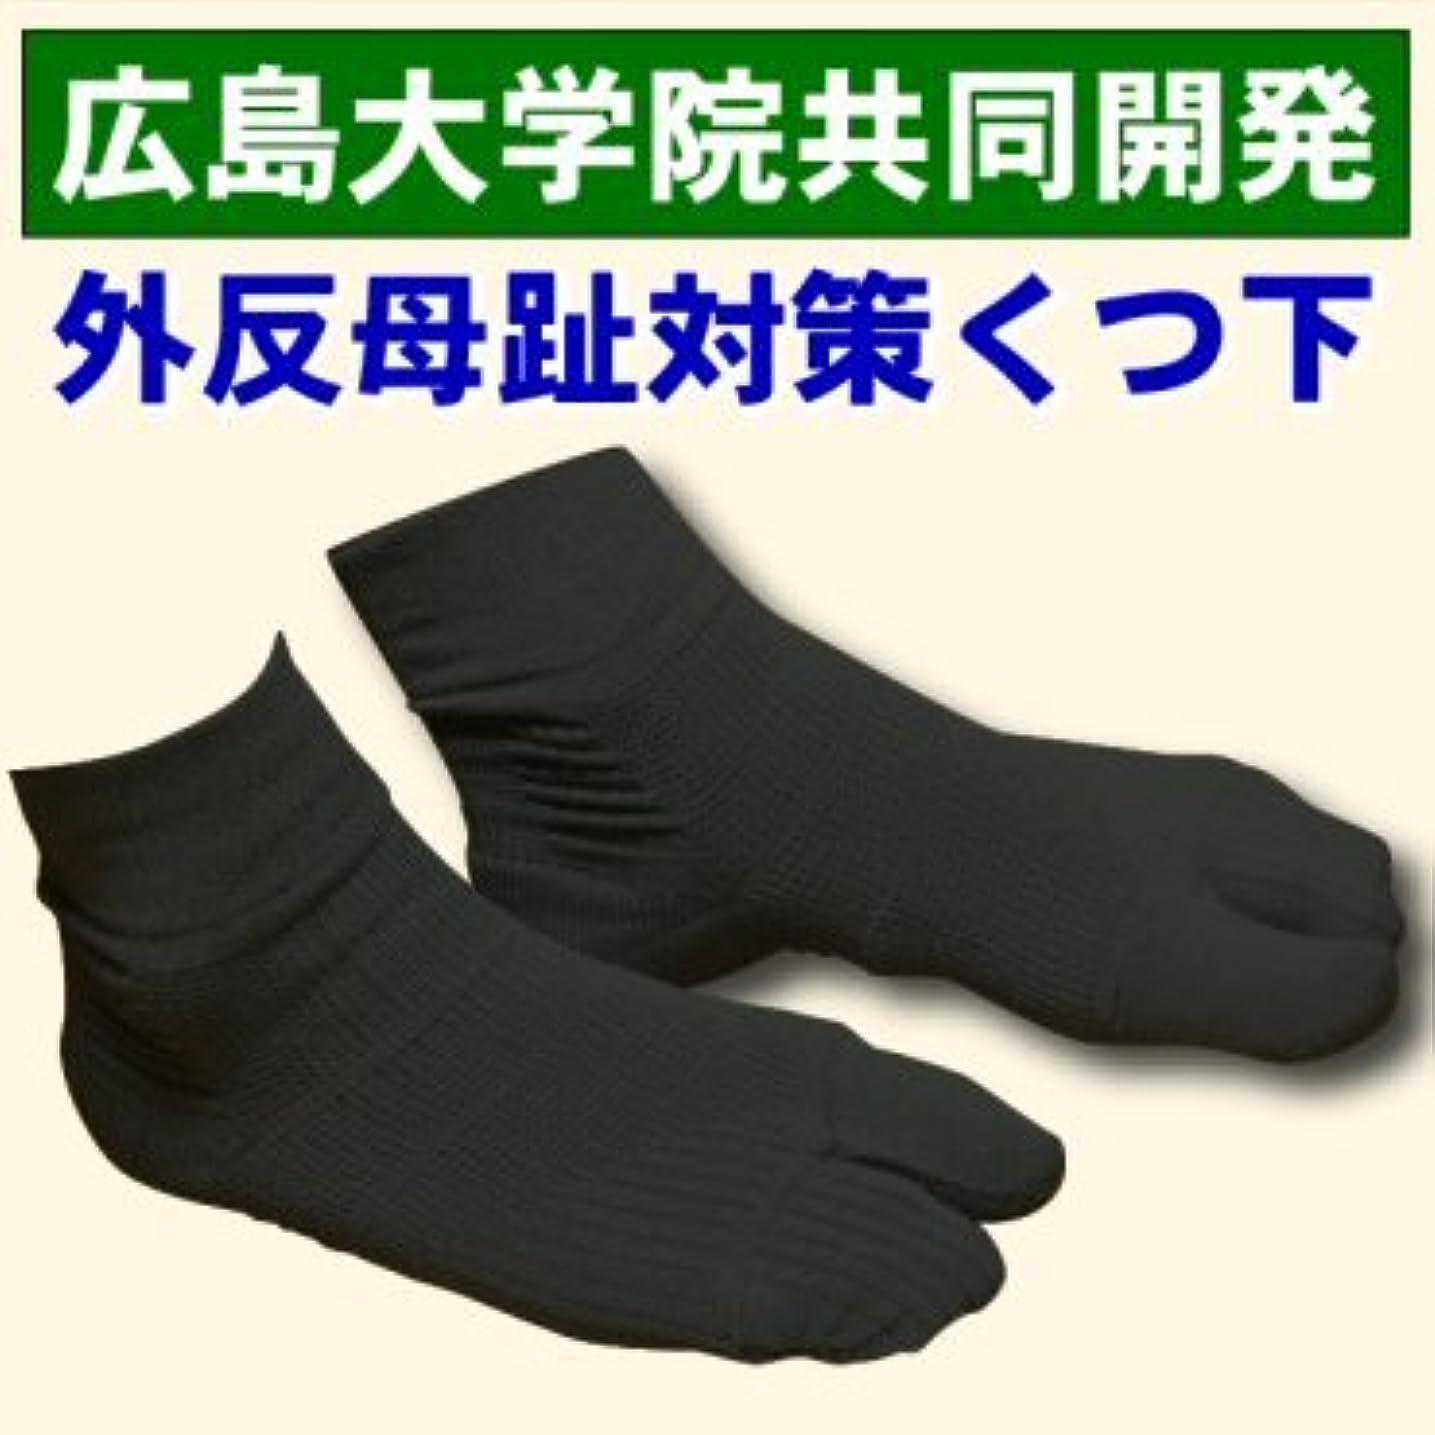 撤退大いに犬外反母趾対策靴下(24-25cm?ブラック)【日本製】